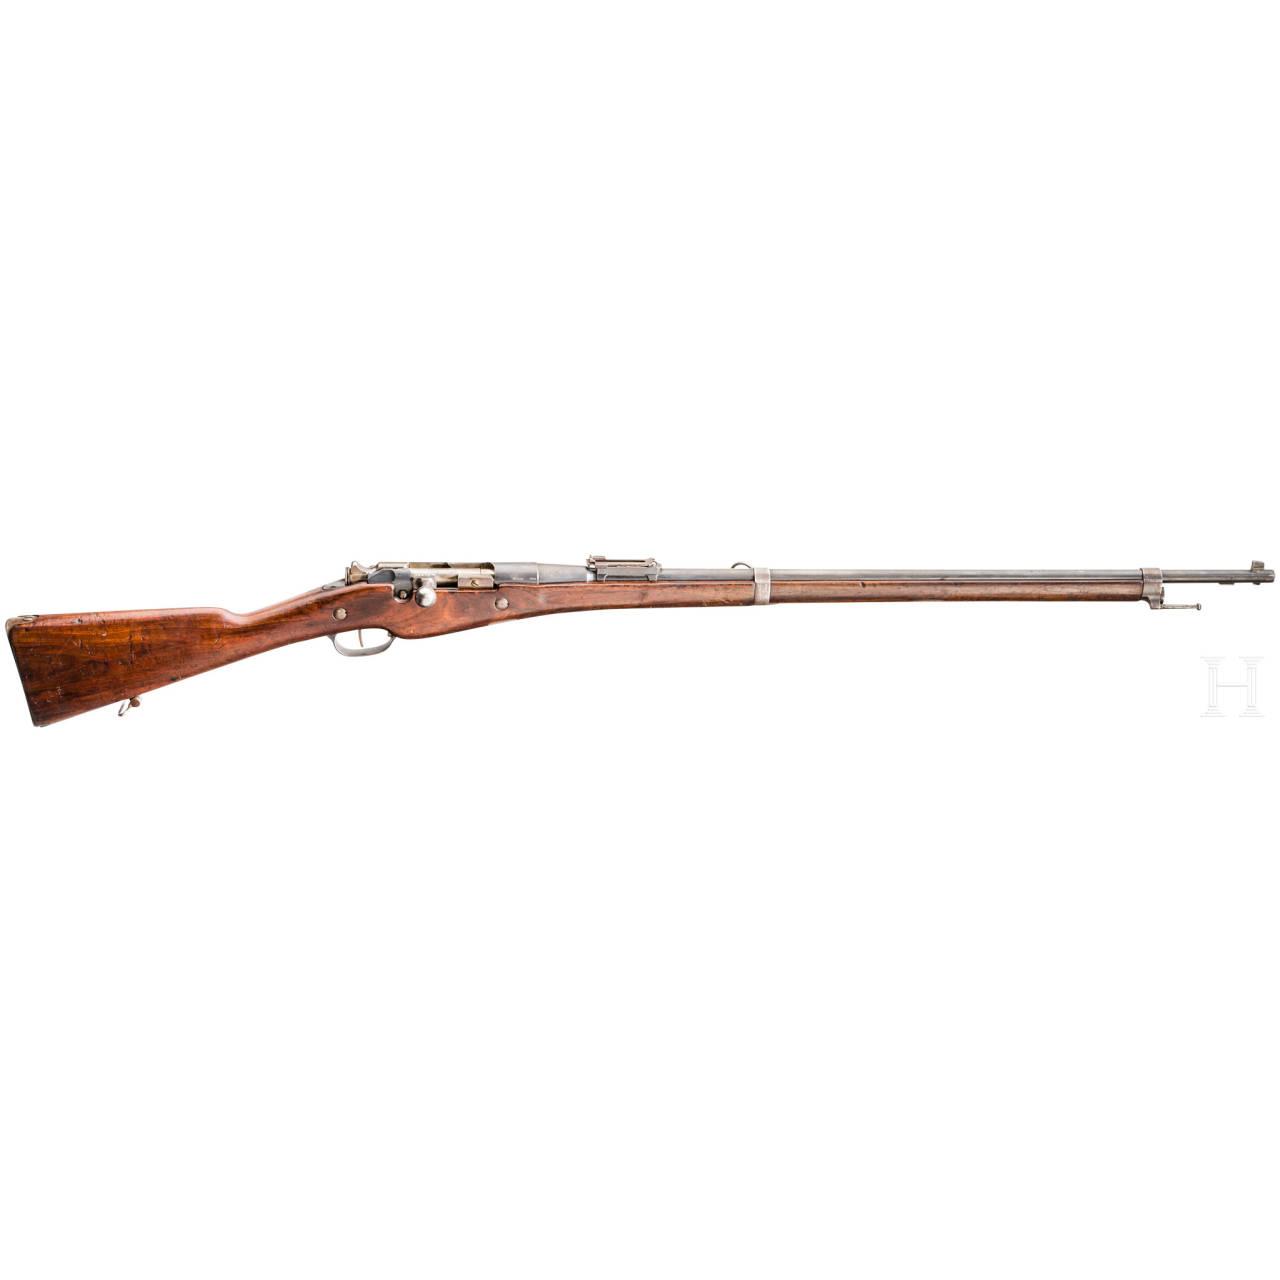 Gewehr Berthier Mod. 1907-15